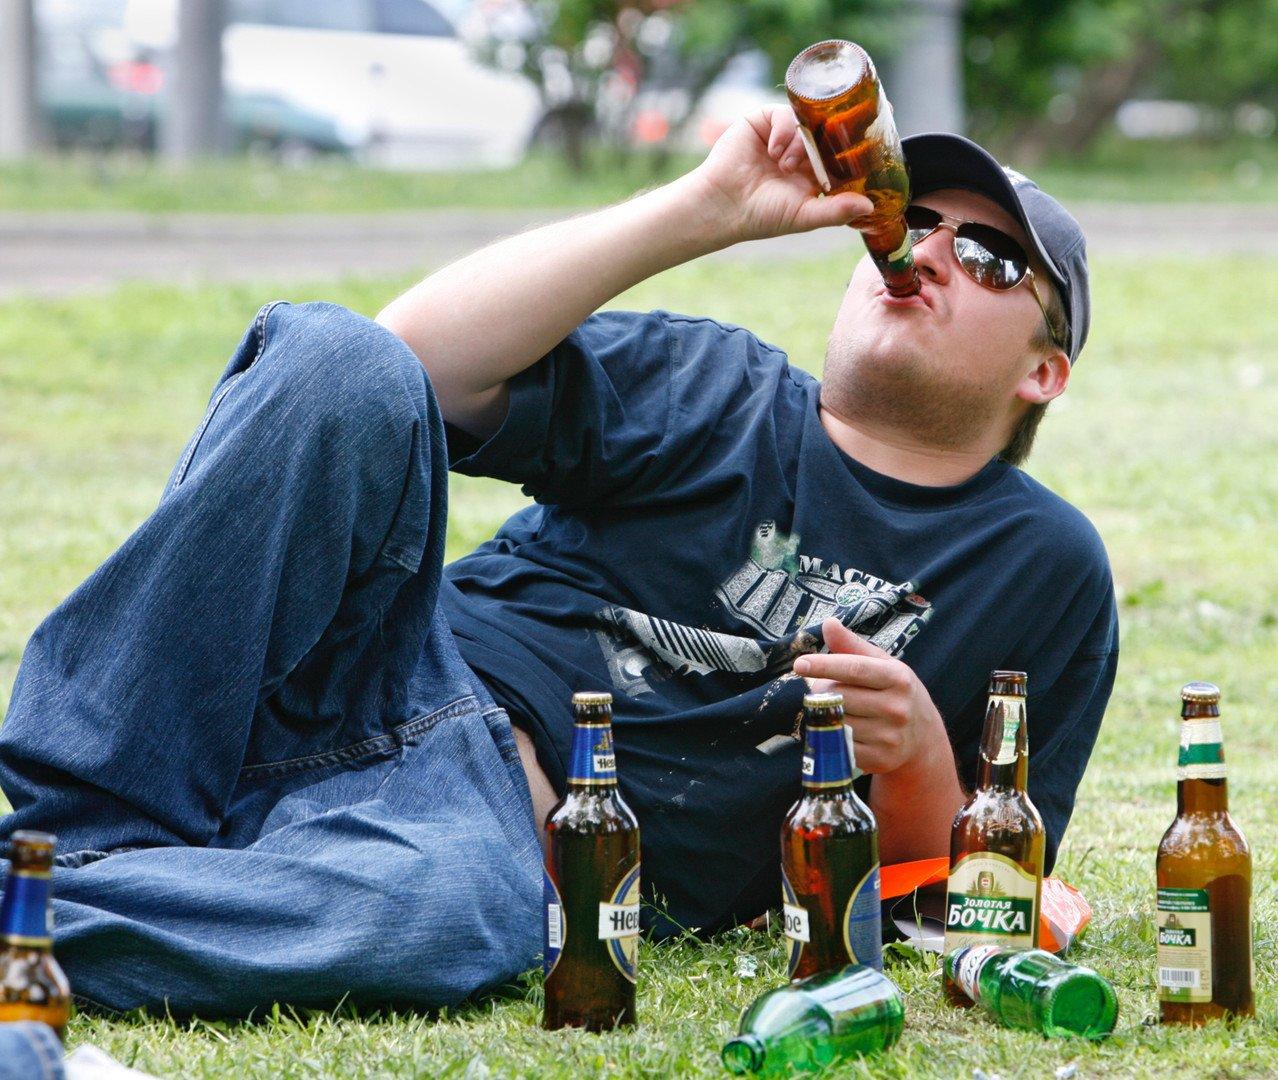 Где в москве можно пить алкоголь парк